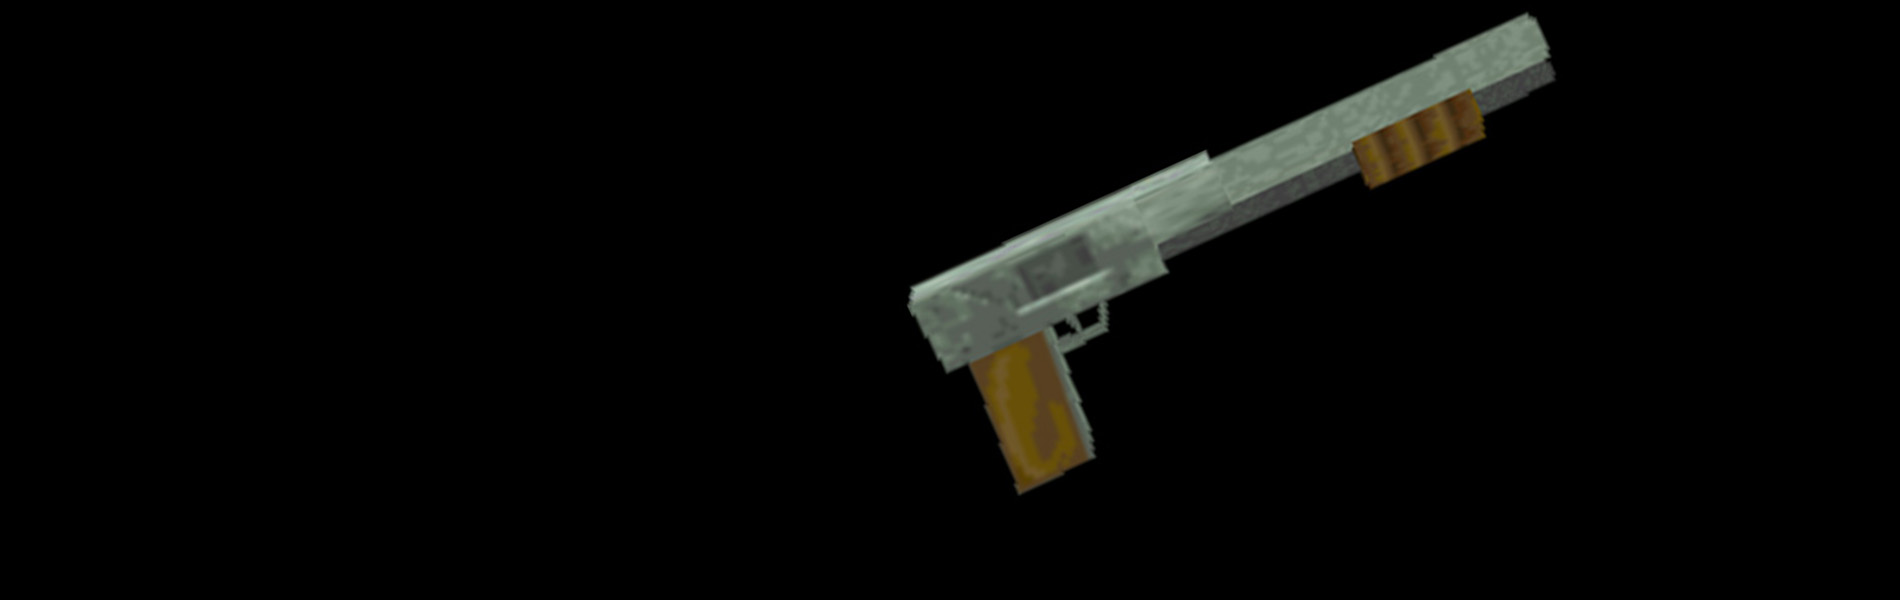 Le fusil à pompe